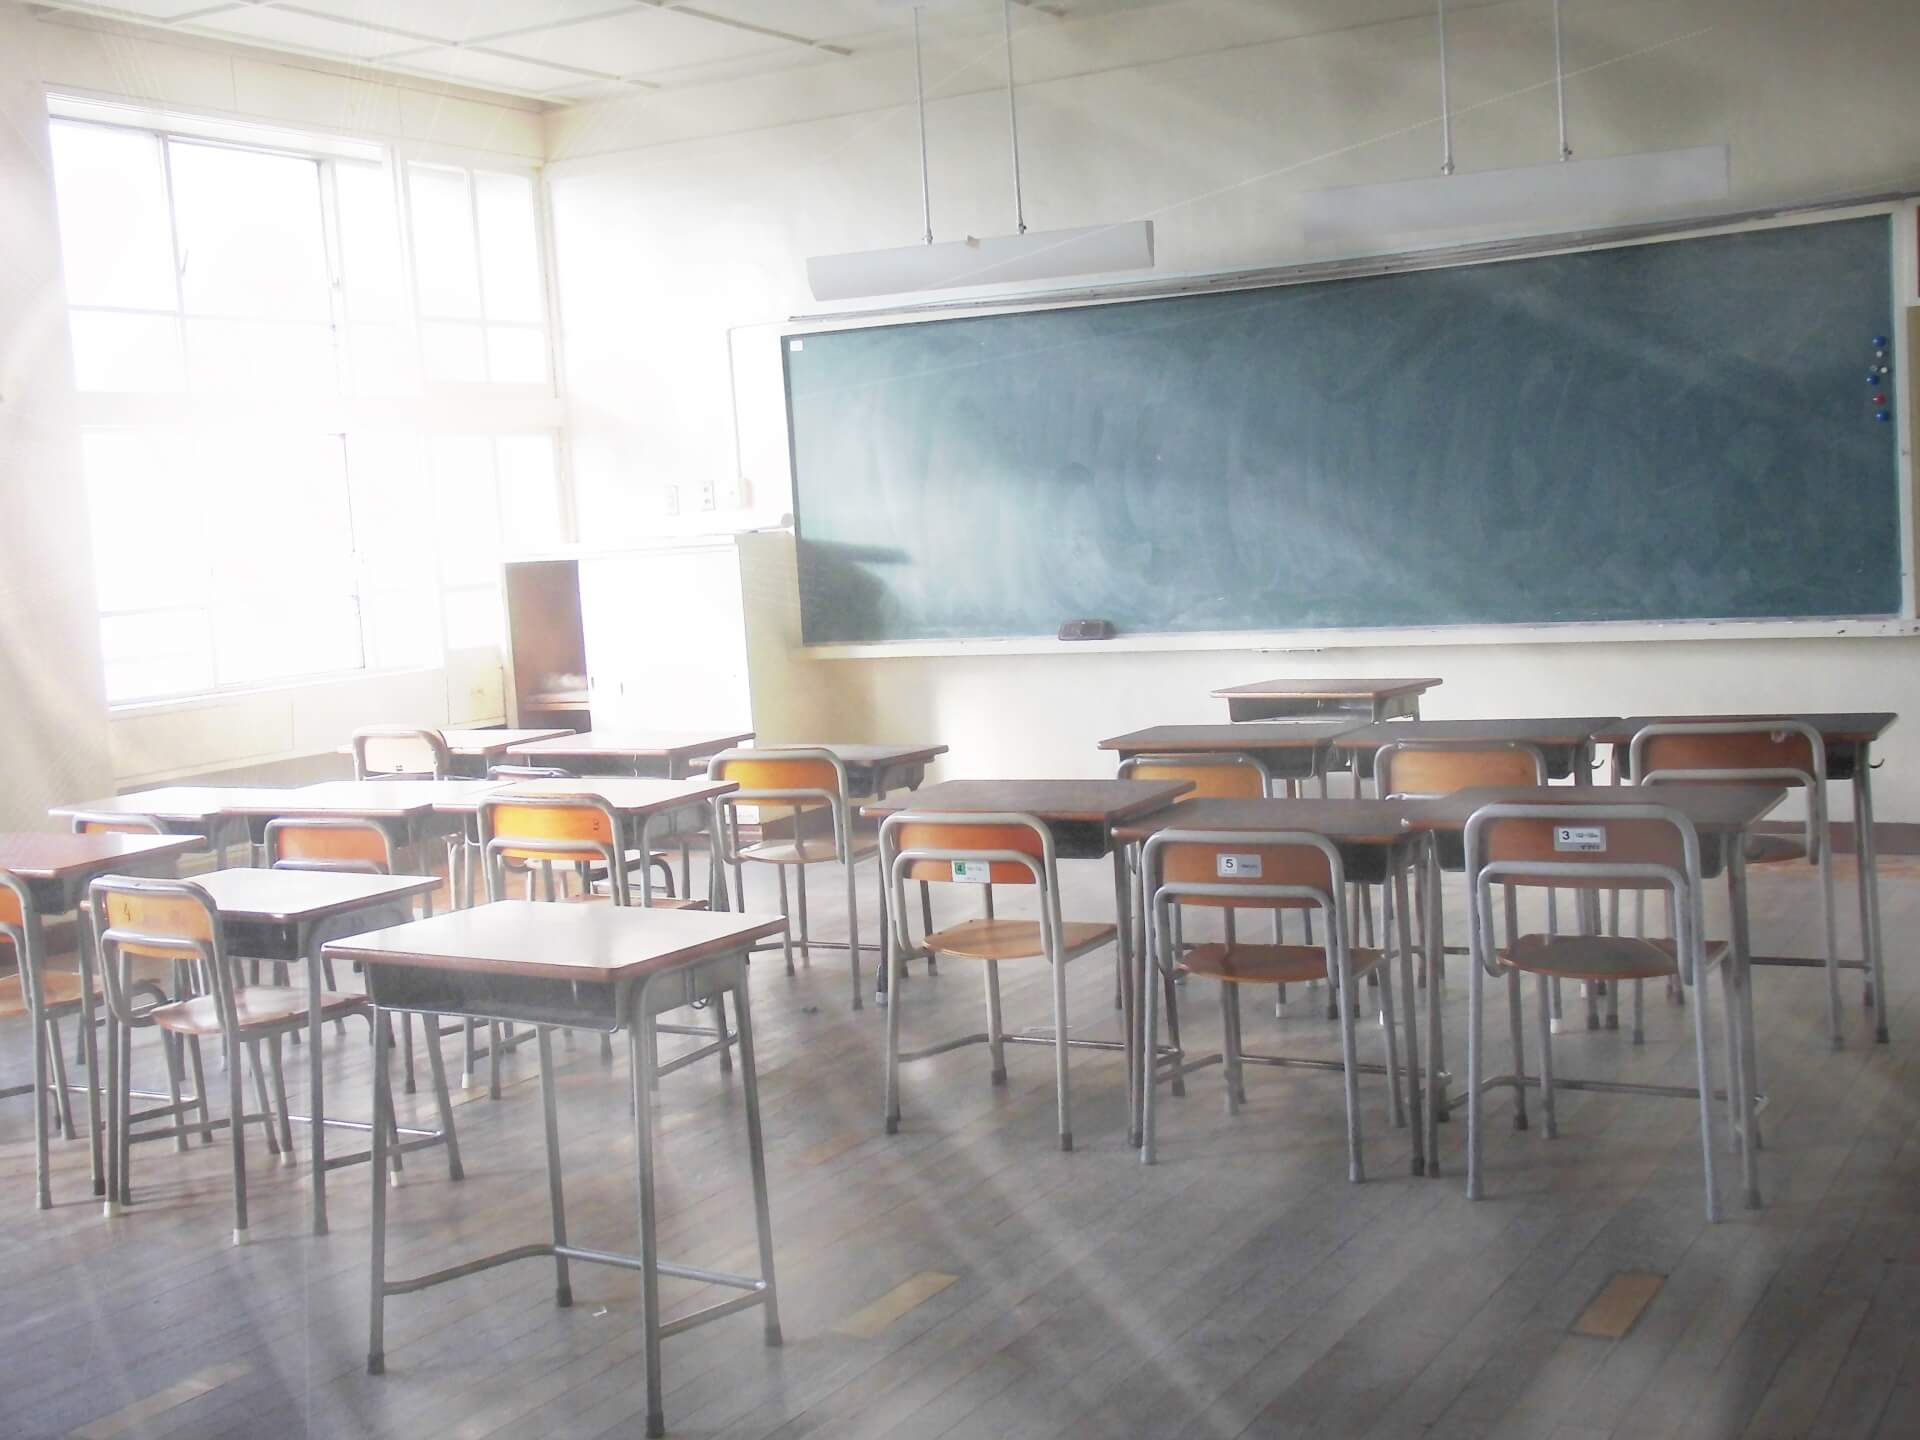 学校の教室に光が差す様子